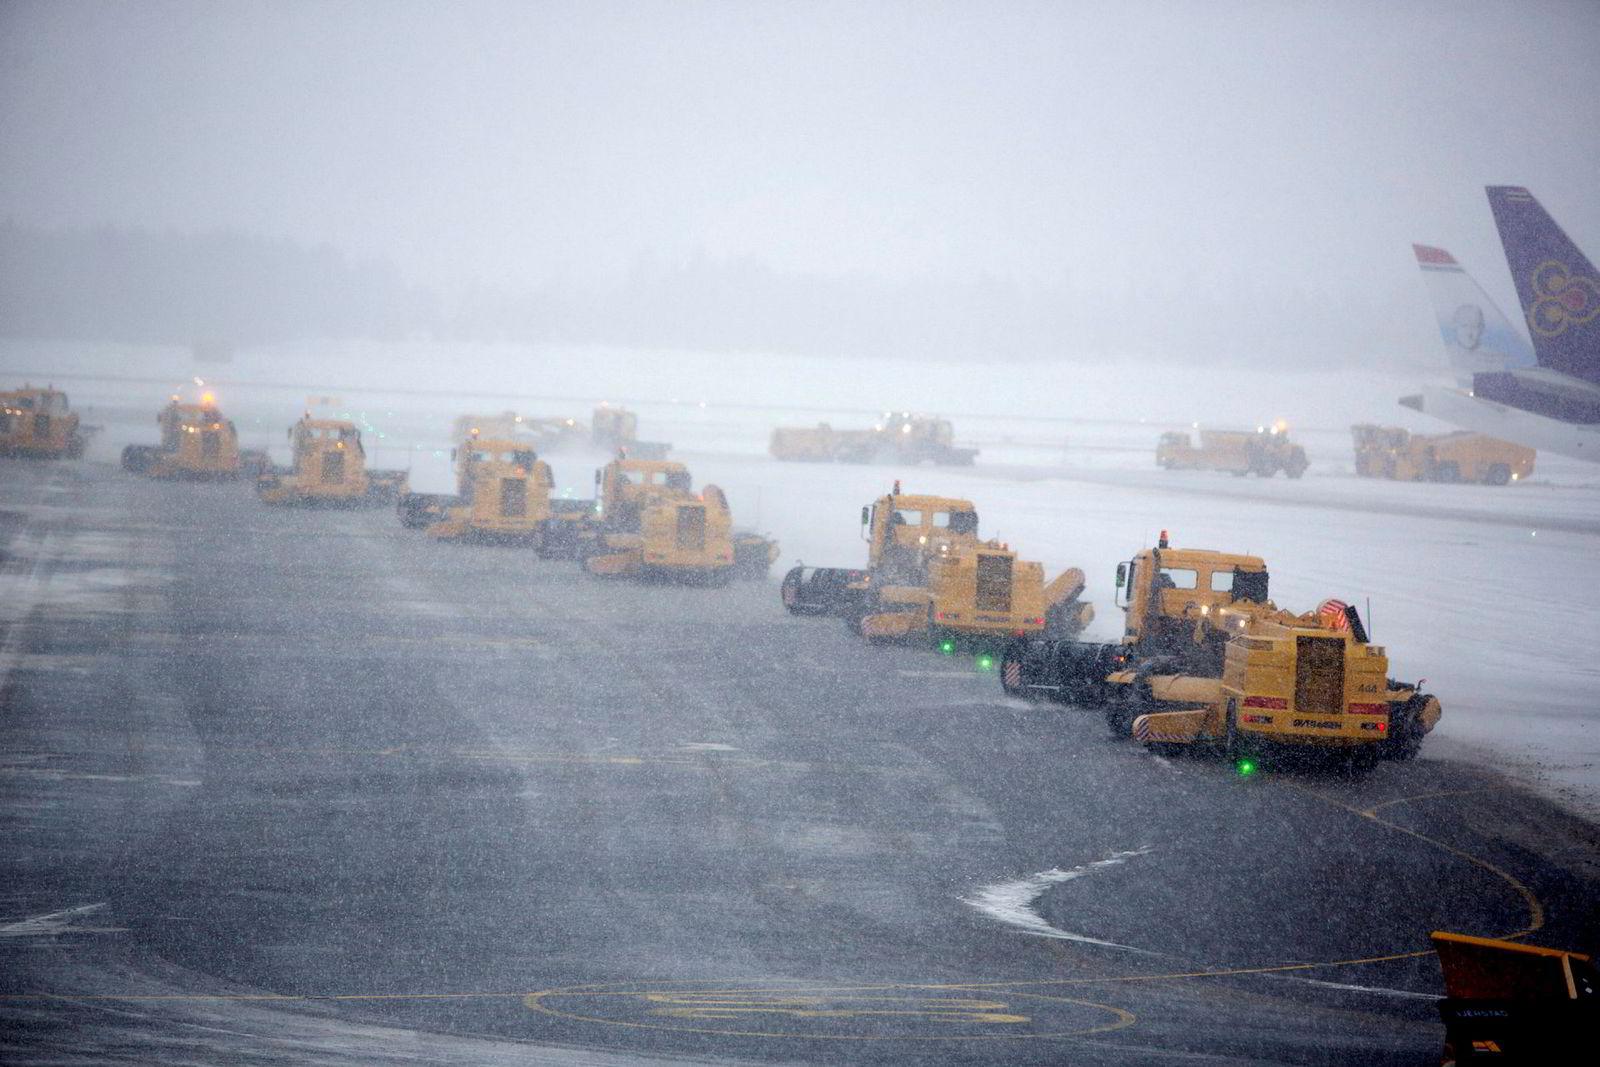 Mange maskiner trengs når det skal ryddes snø på en stor flyplass, som bildet viser på Gardermoen.